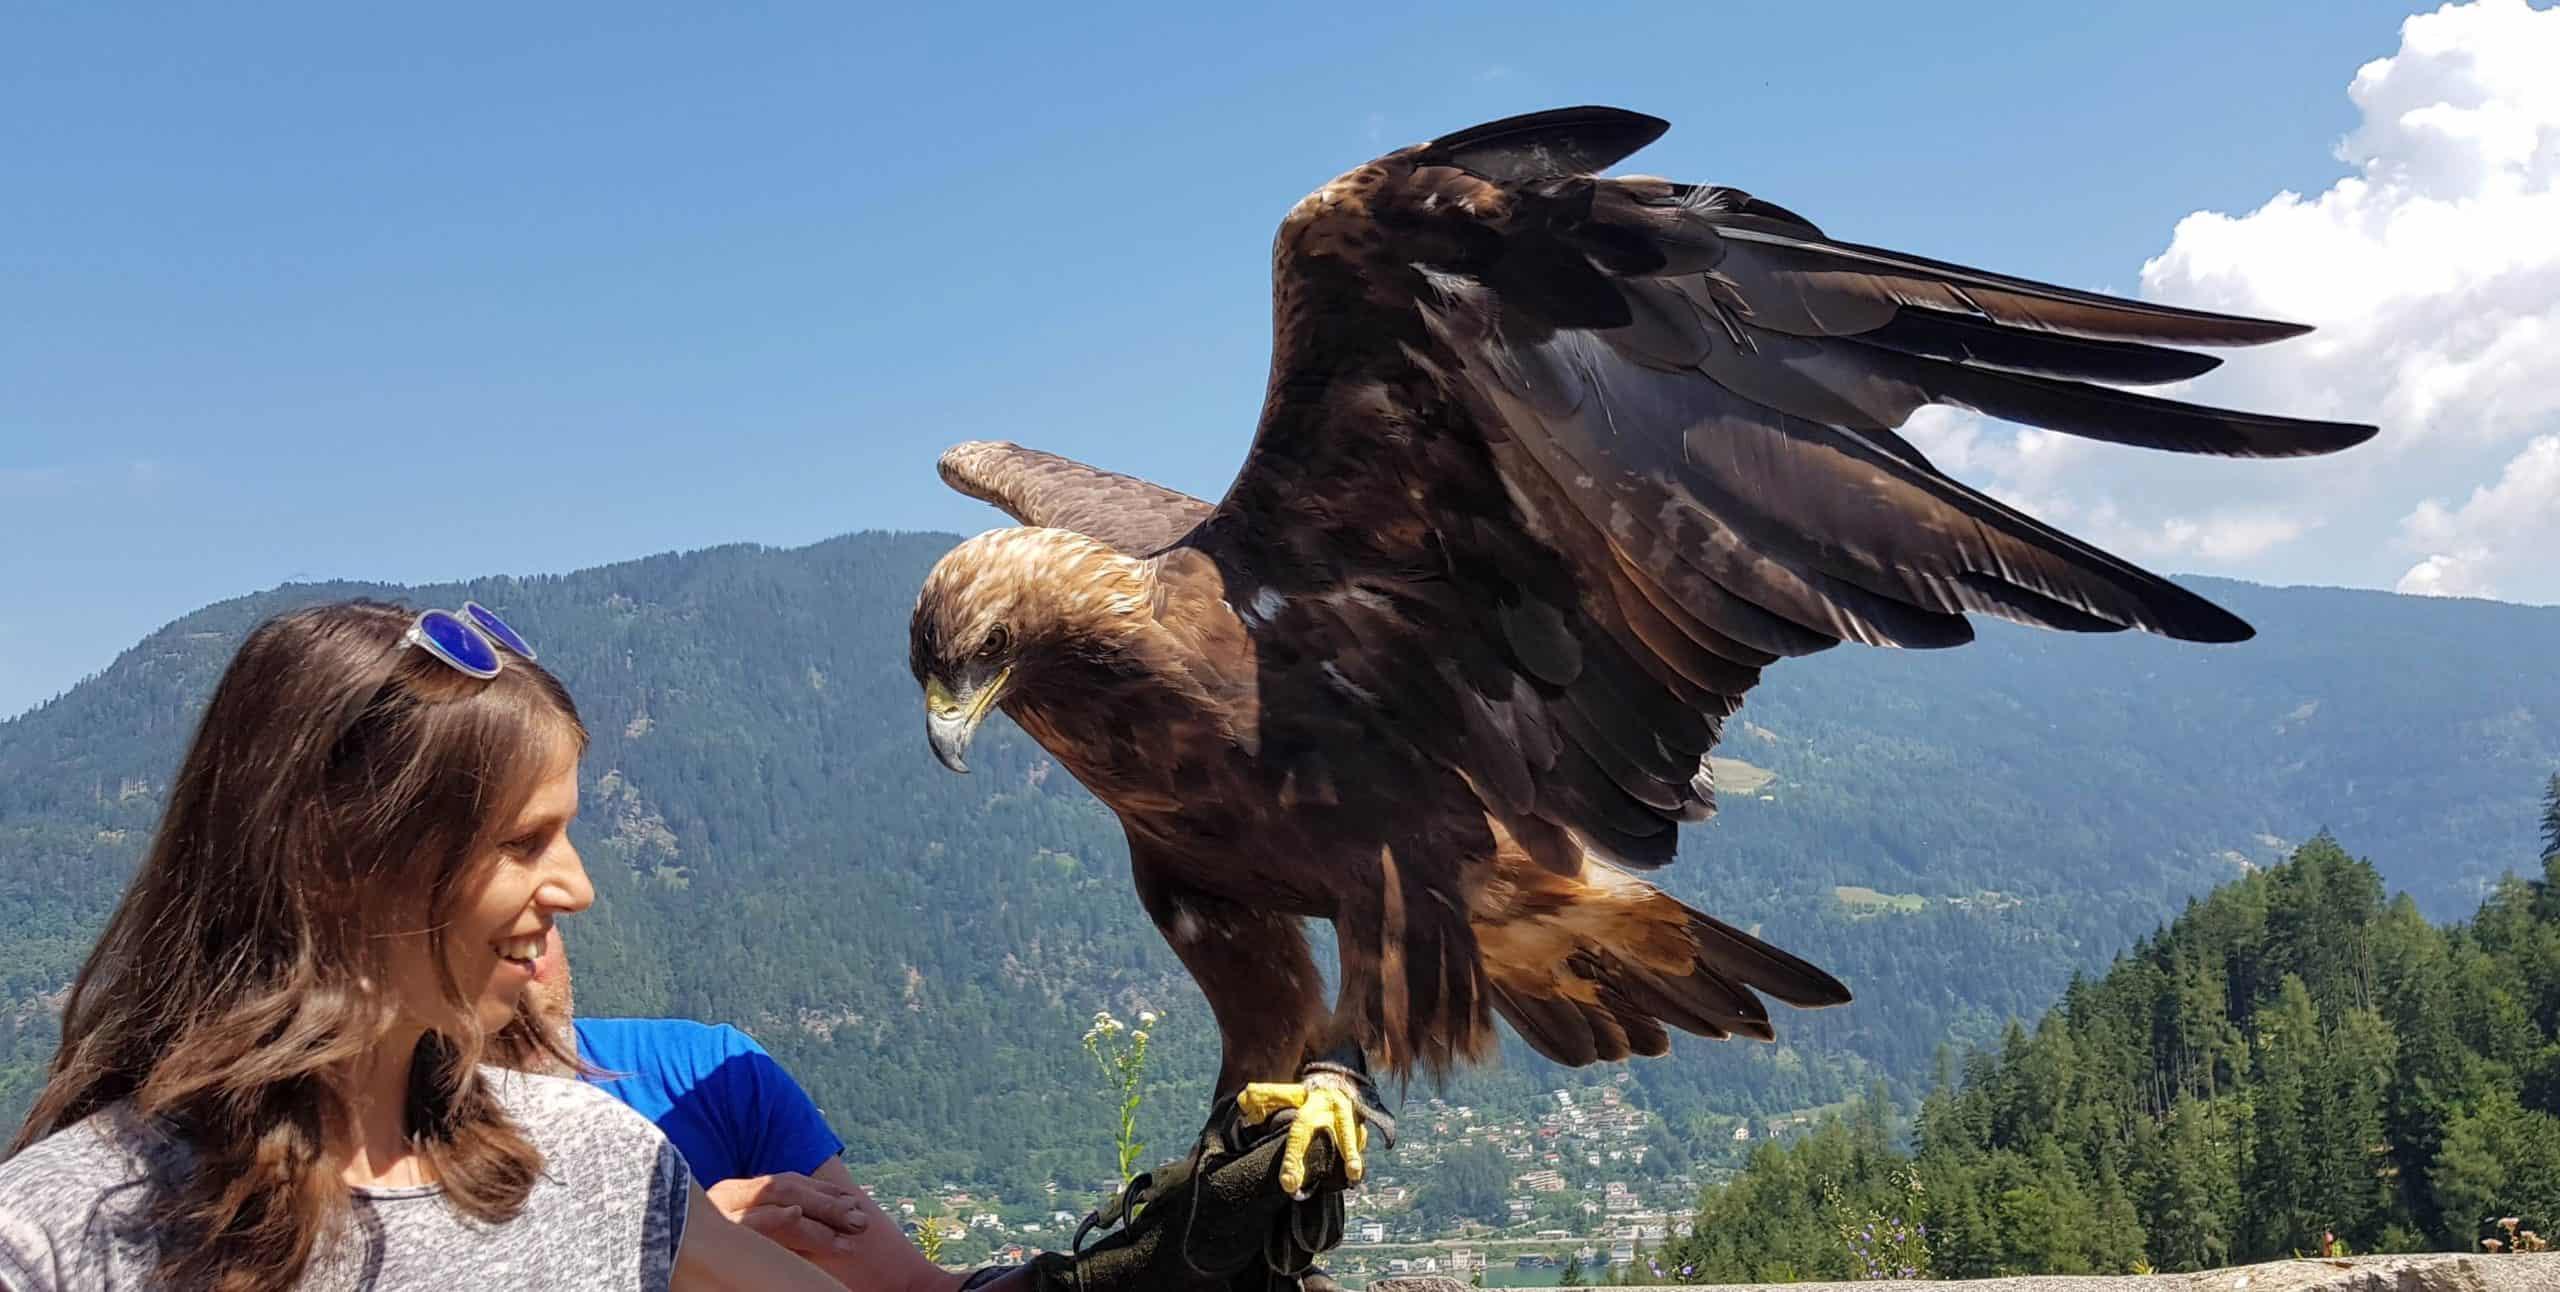 Gutschein Foto mit Greifvogel Steinadler in der Adlerarena Landskron Kärnten - Geschenksidee Ausflugsziele